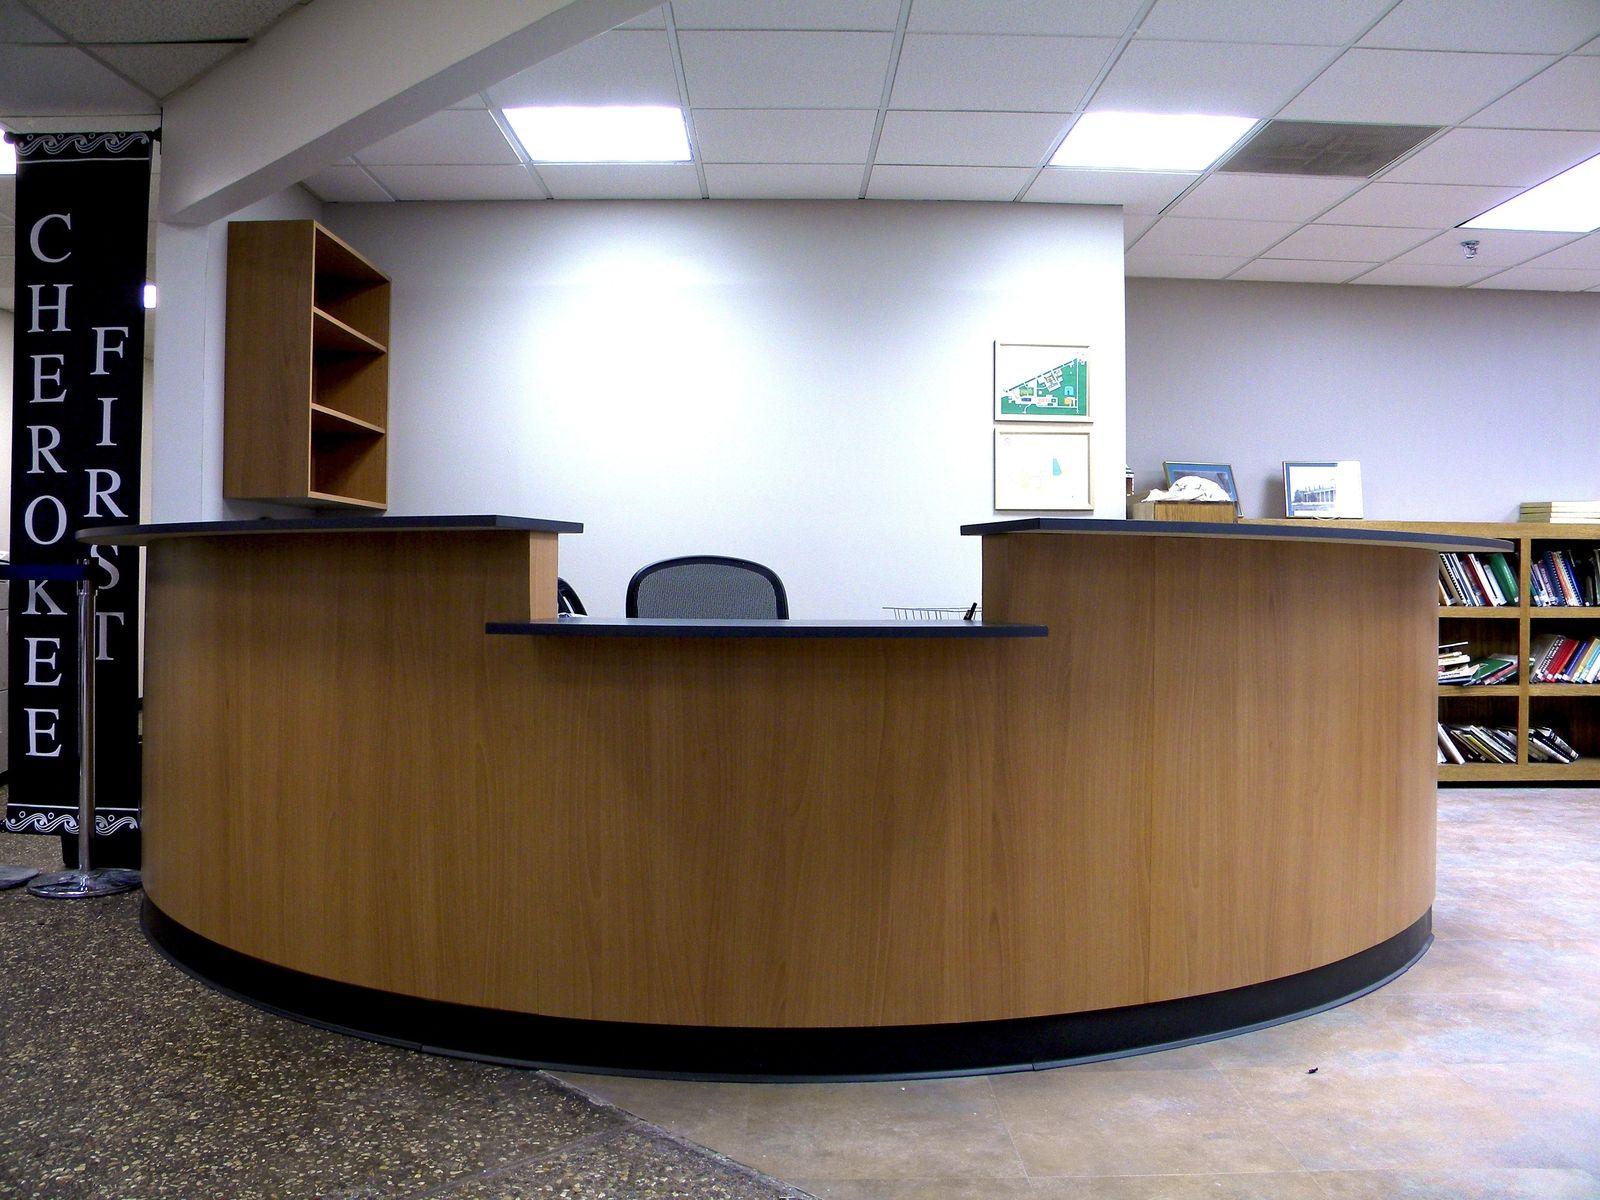 Reception desk dimension homezanin reception desk dimension - Designing A Reception Desk Google Search